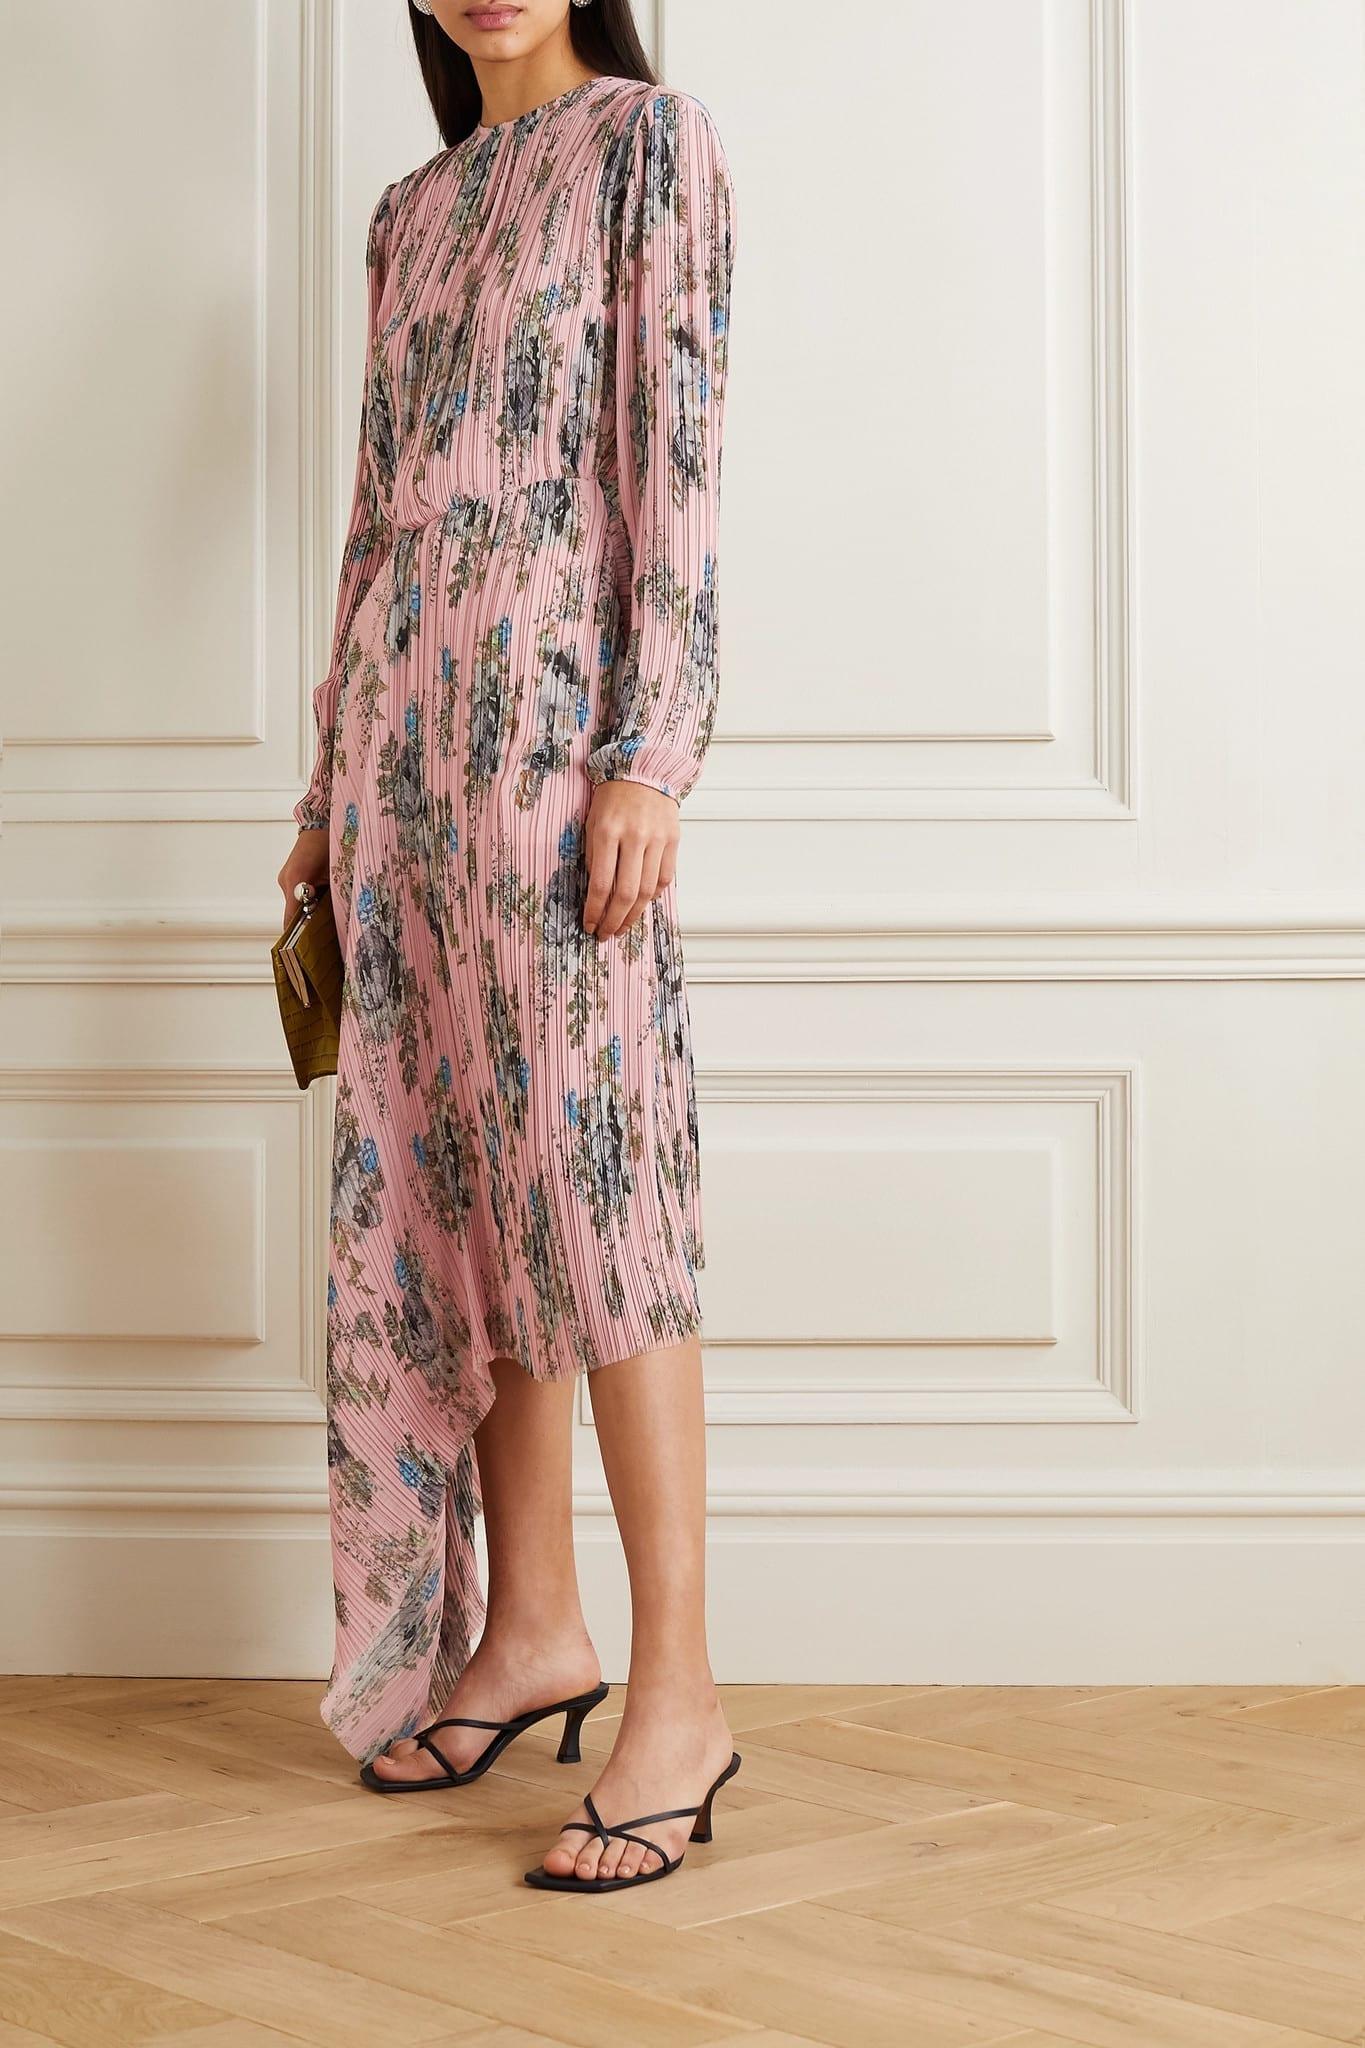 PREEN BY THORNTON BREGAZZI Delaney Asymmetric Floral-print Plissé-georgette Dress